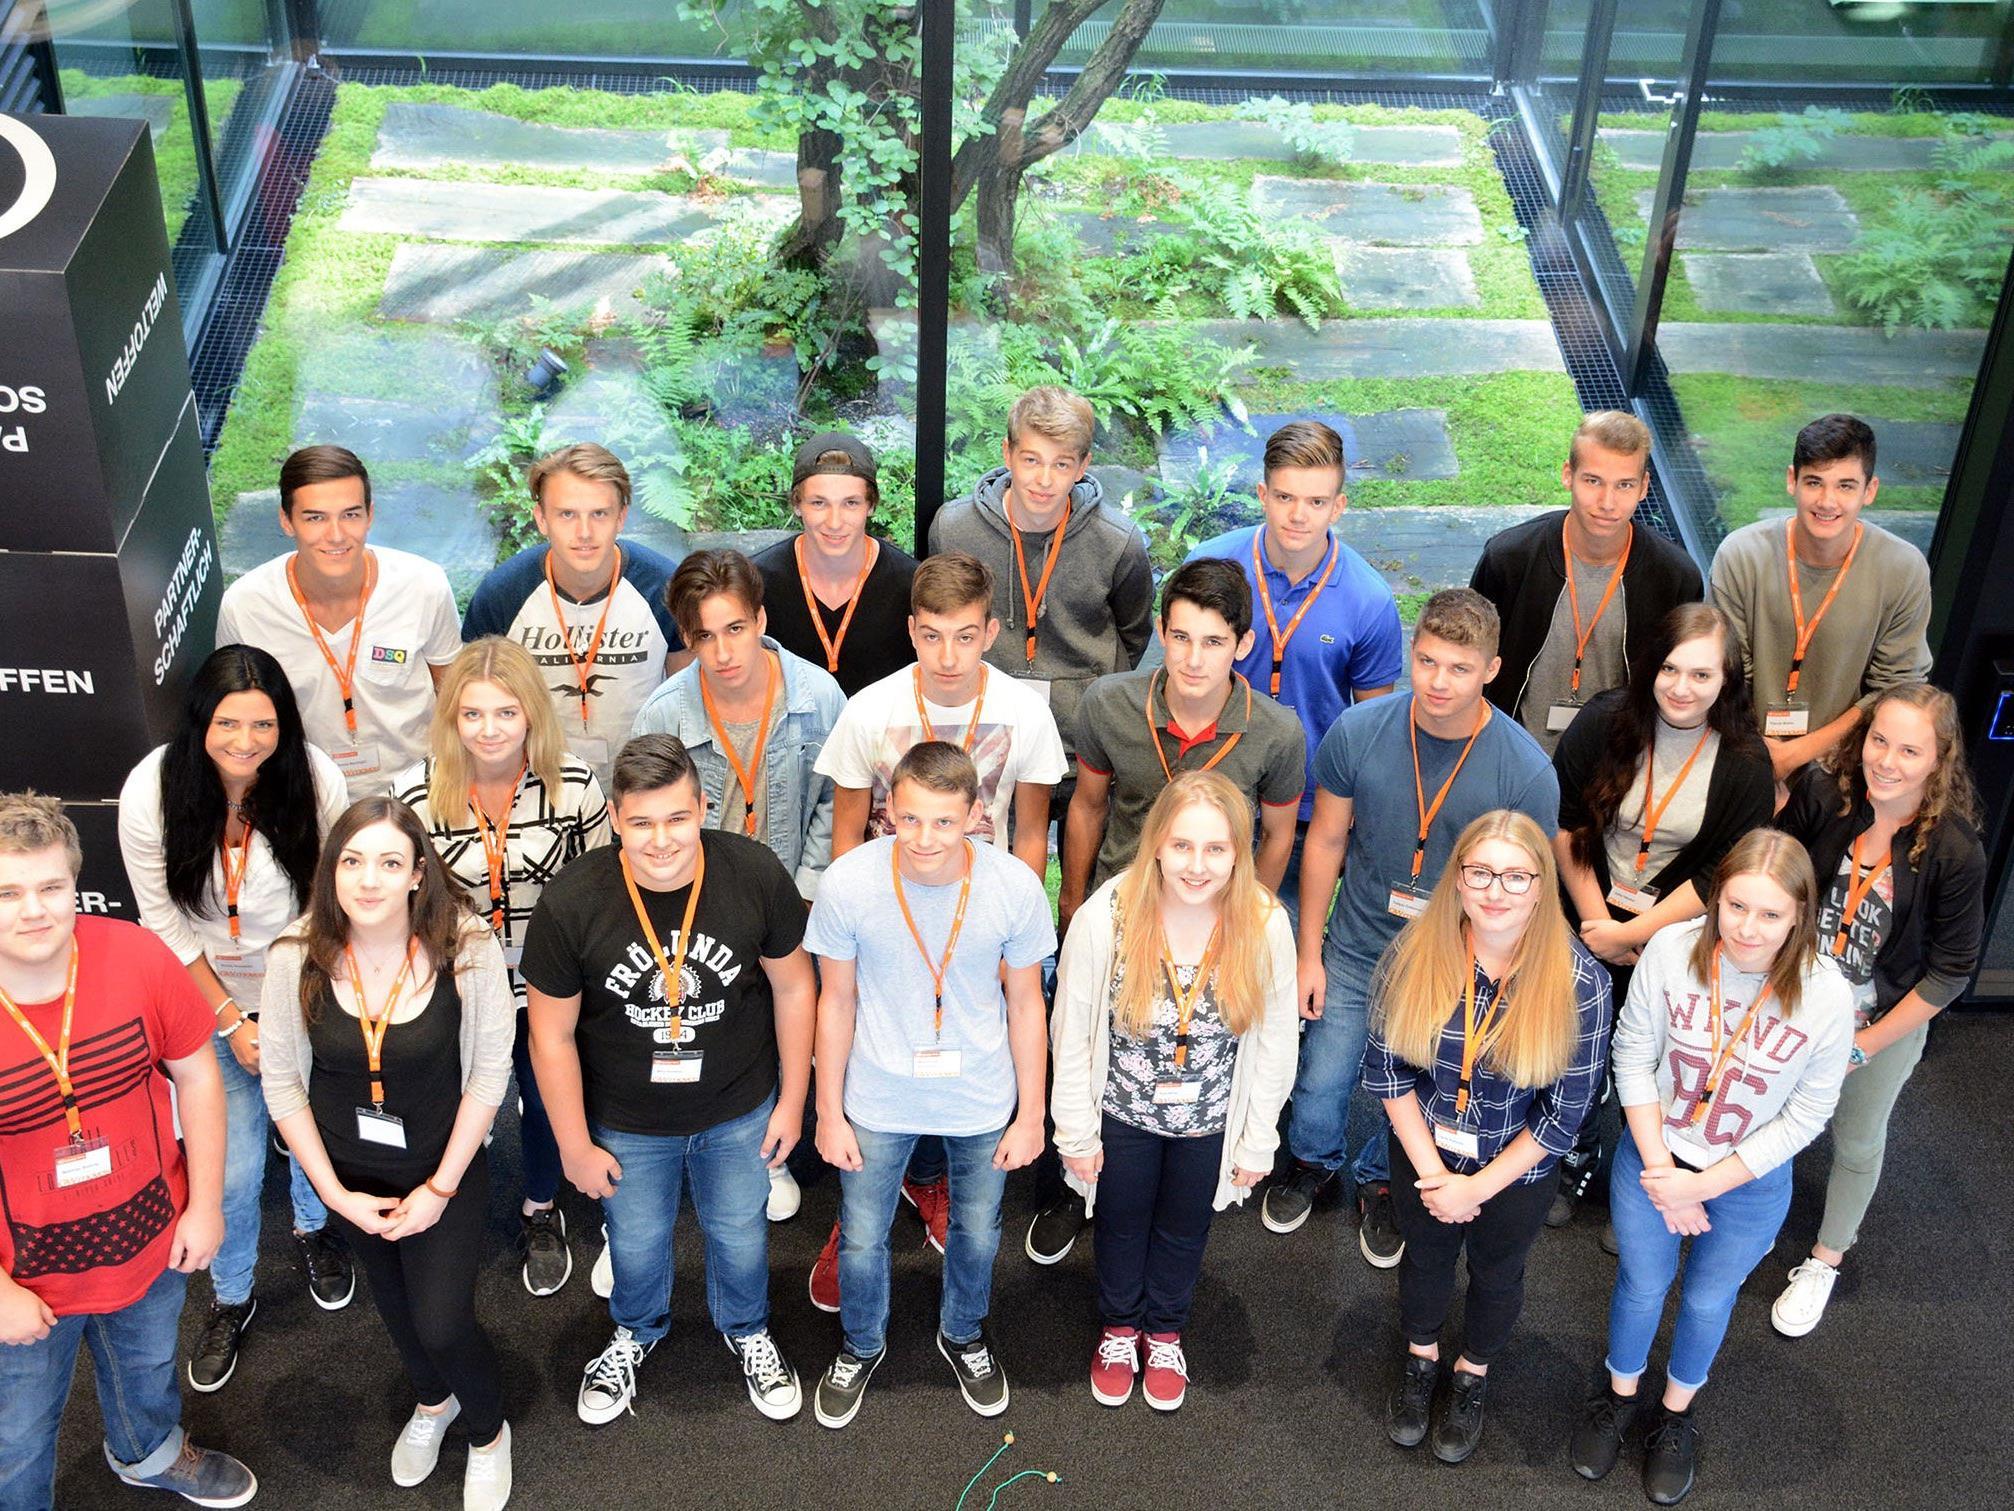 Bei Gebrüder Weiss starten 2016 insgesamt 60 Lehrlinge ihre berufliche Karriere. Hier im Bild: Die neuen Lehrlinge aus Vorarlberg.